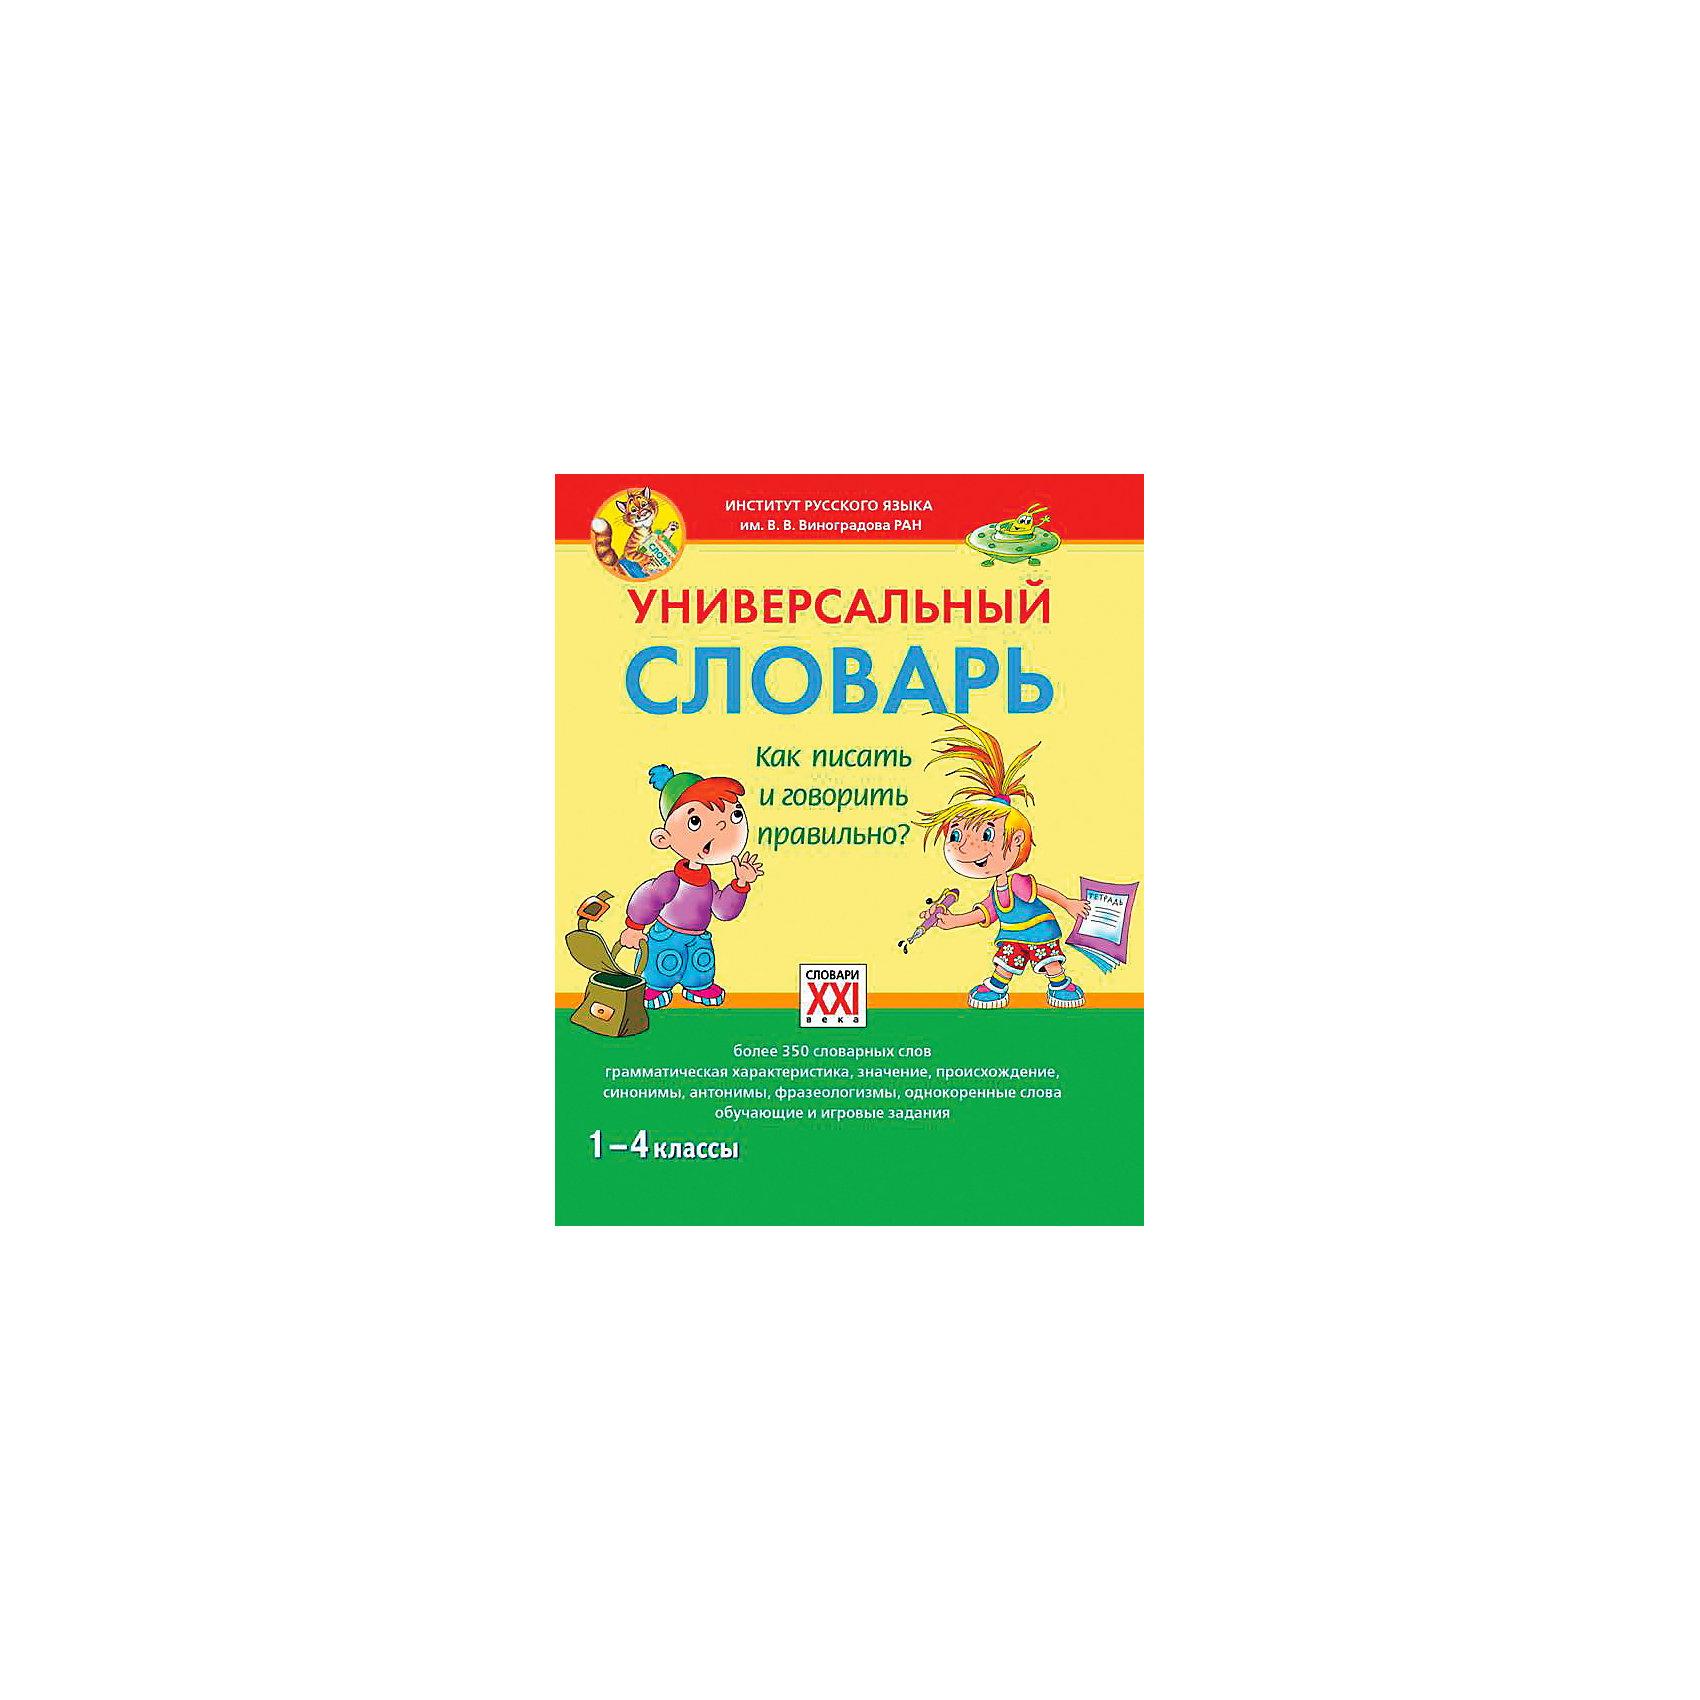 Универсальный словарь. Как писать и говорить правильно? 1-4 классы